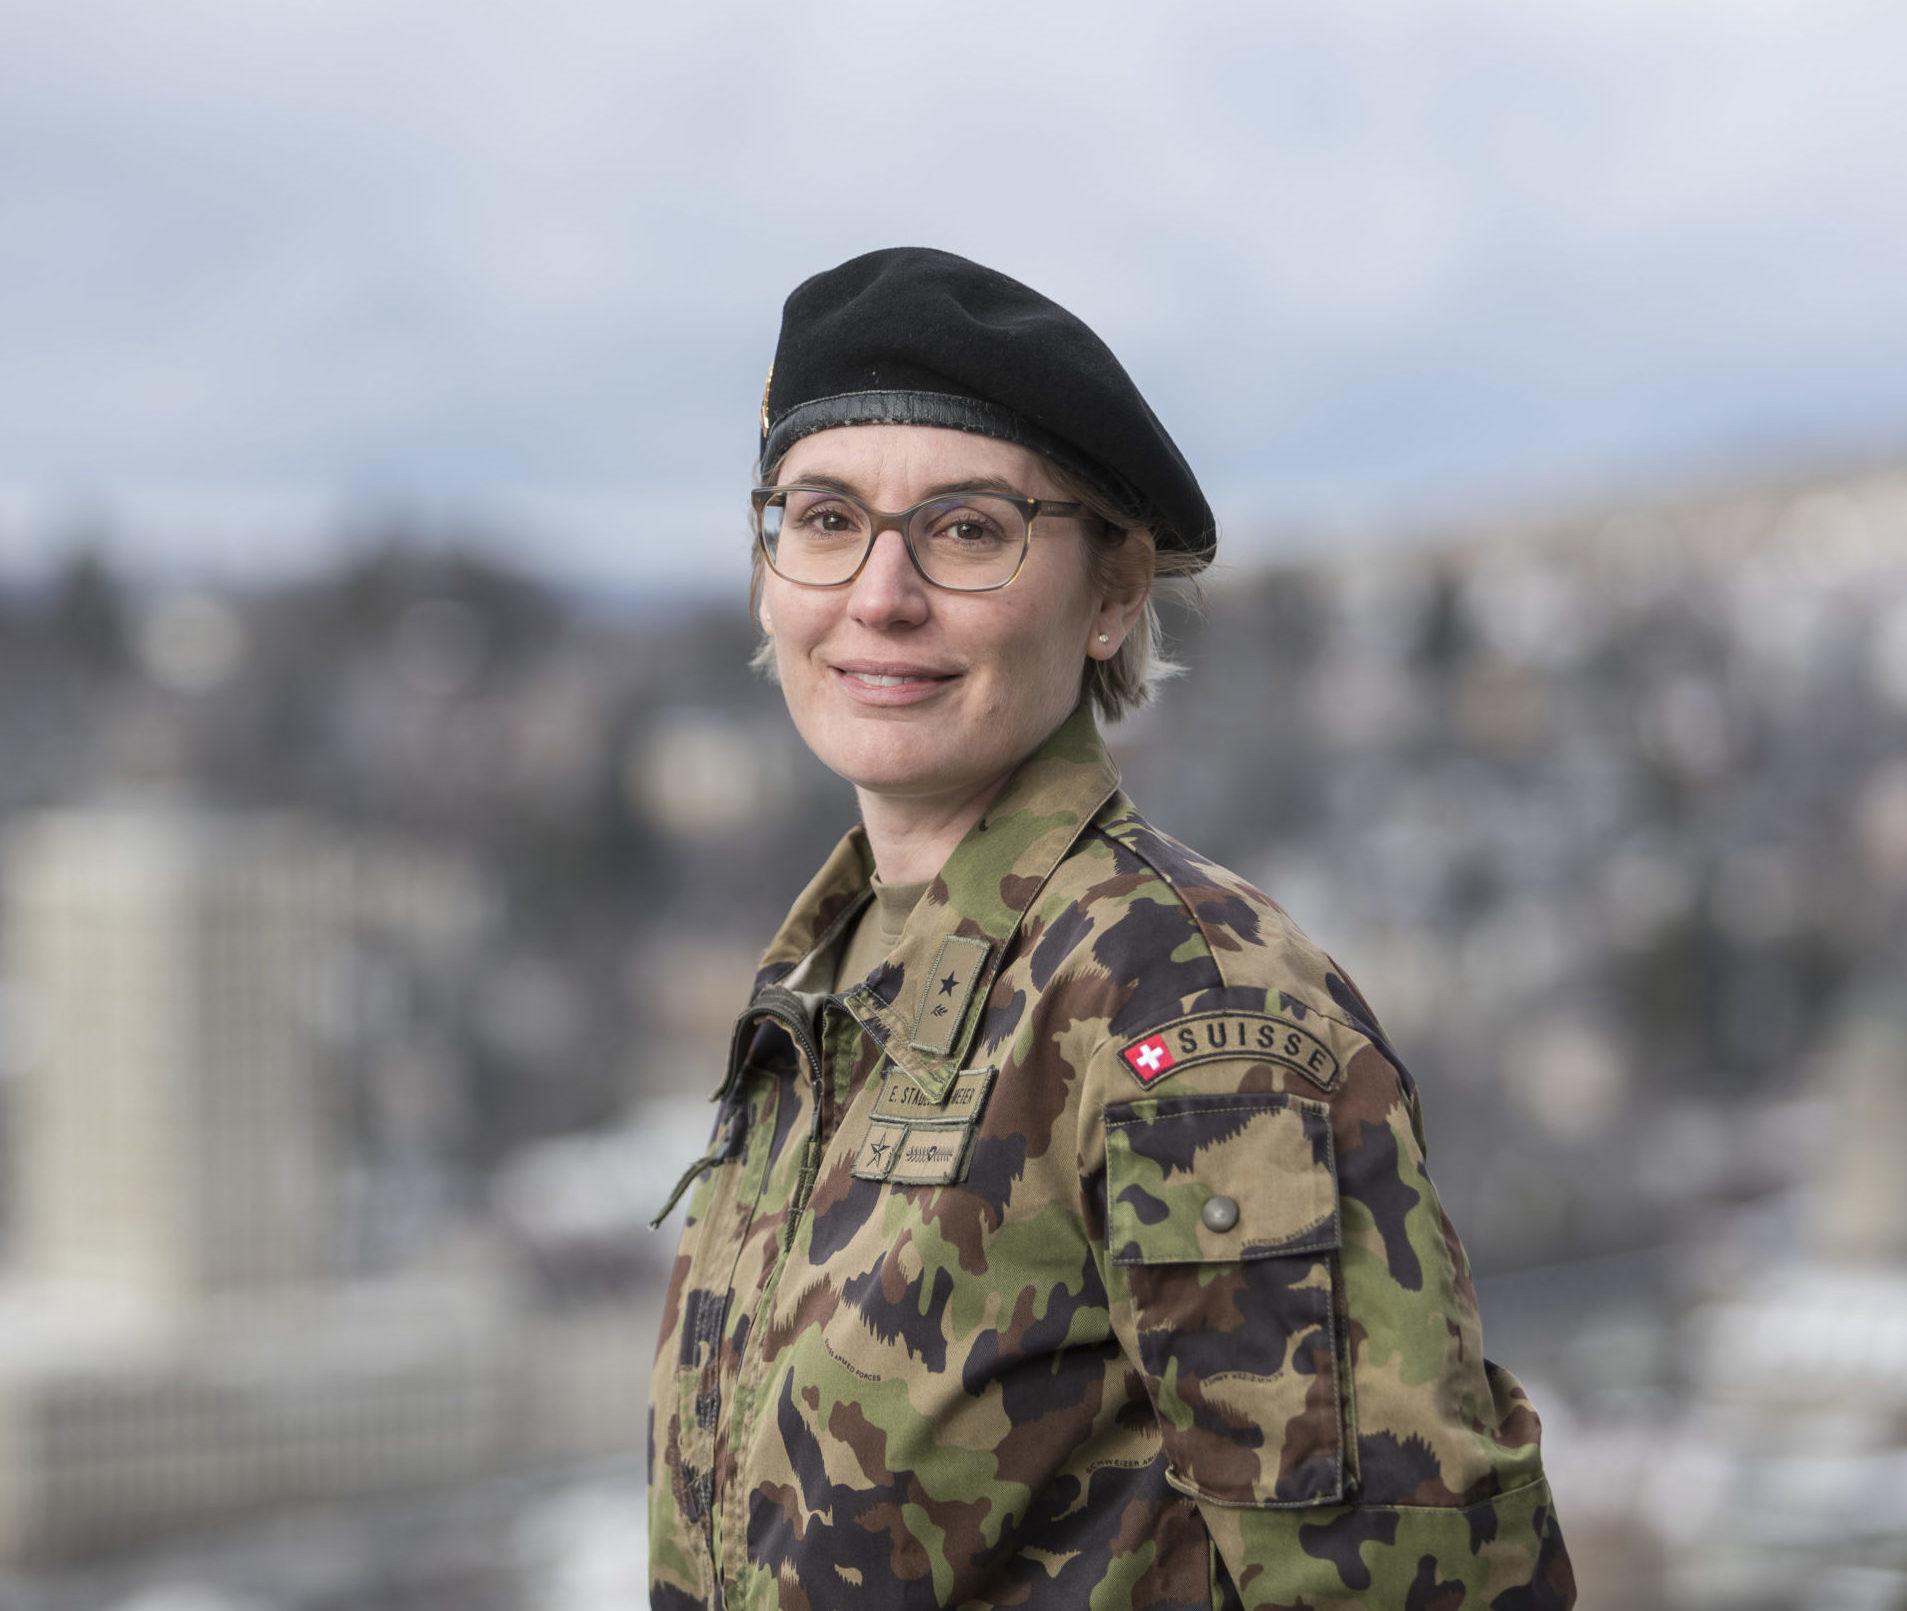 Oberstleutnant Elisabeth Stadelmann-Meier